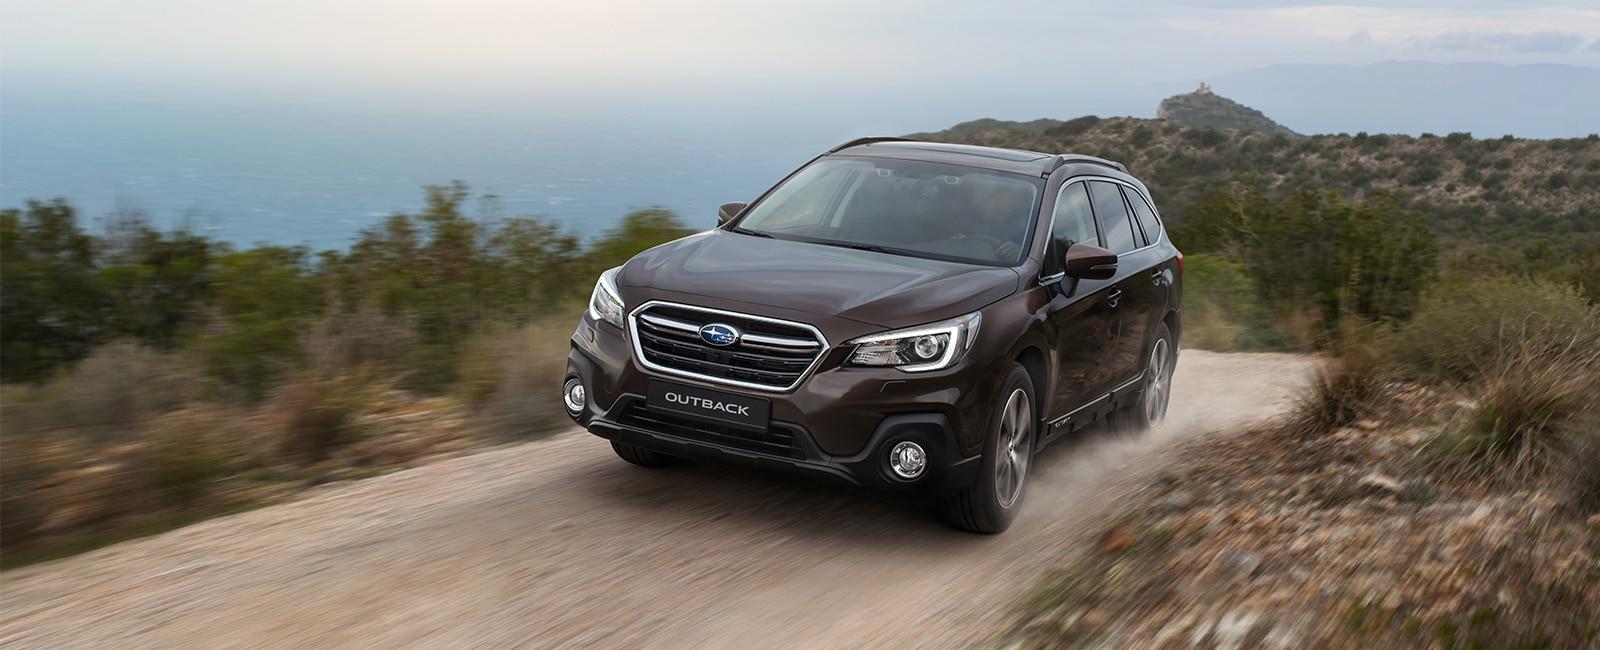 Subaru Outback brun på fjellvei